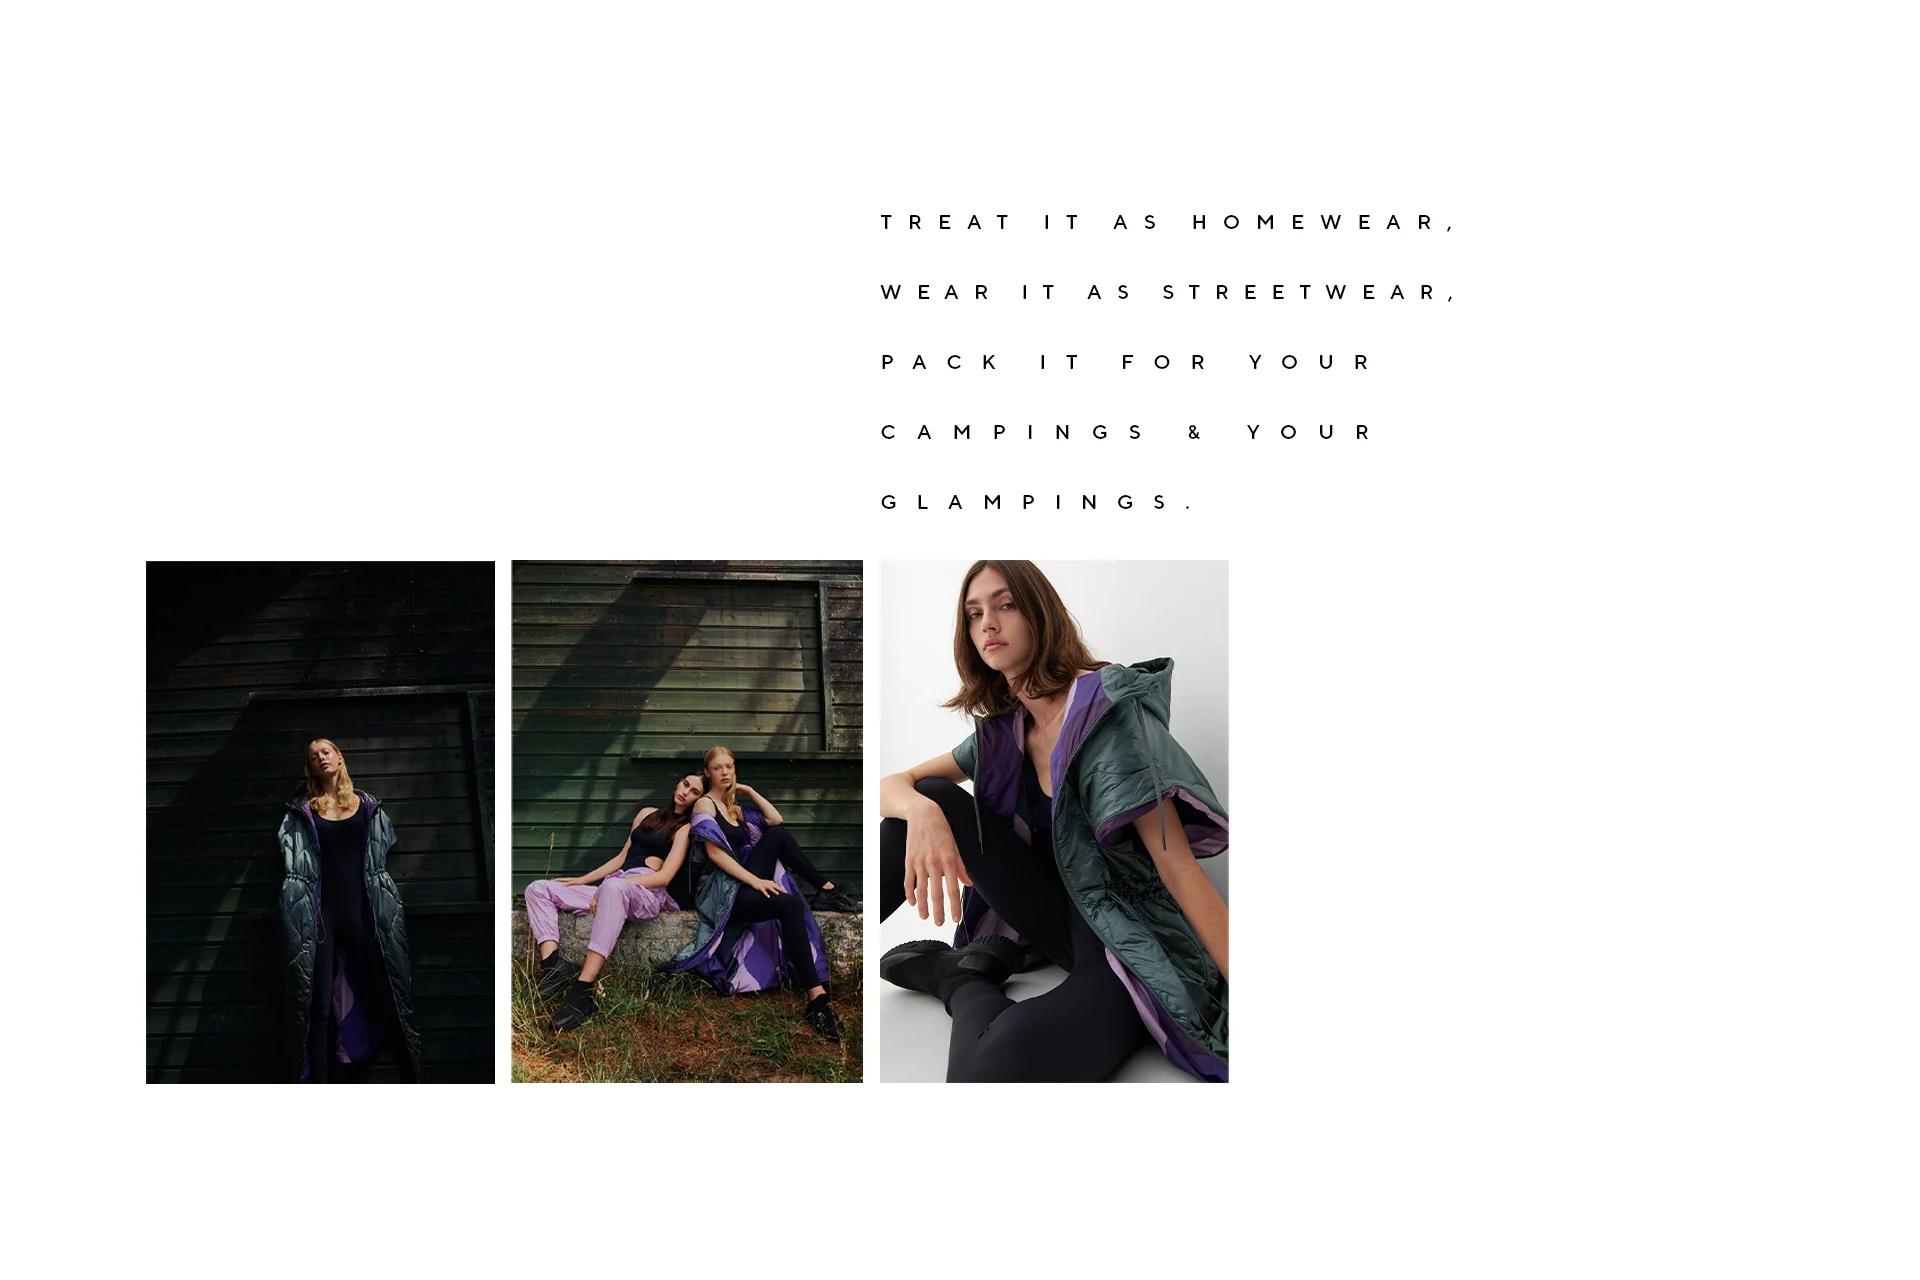 Reserved-Athleisure-fashion-moda-modnialmanah